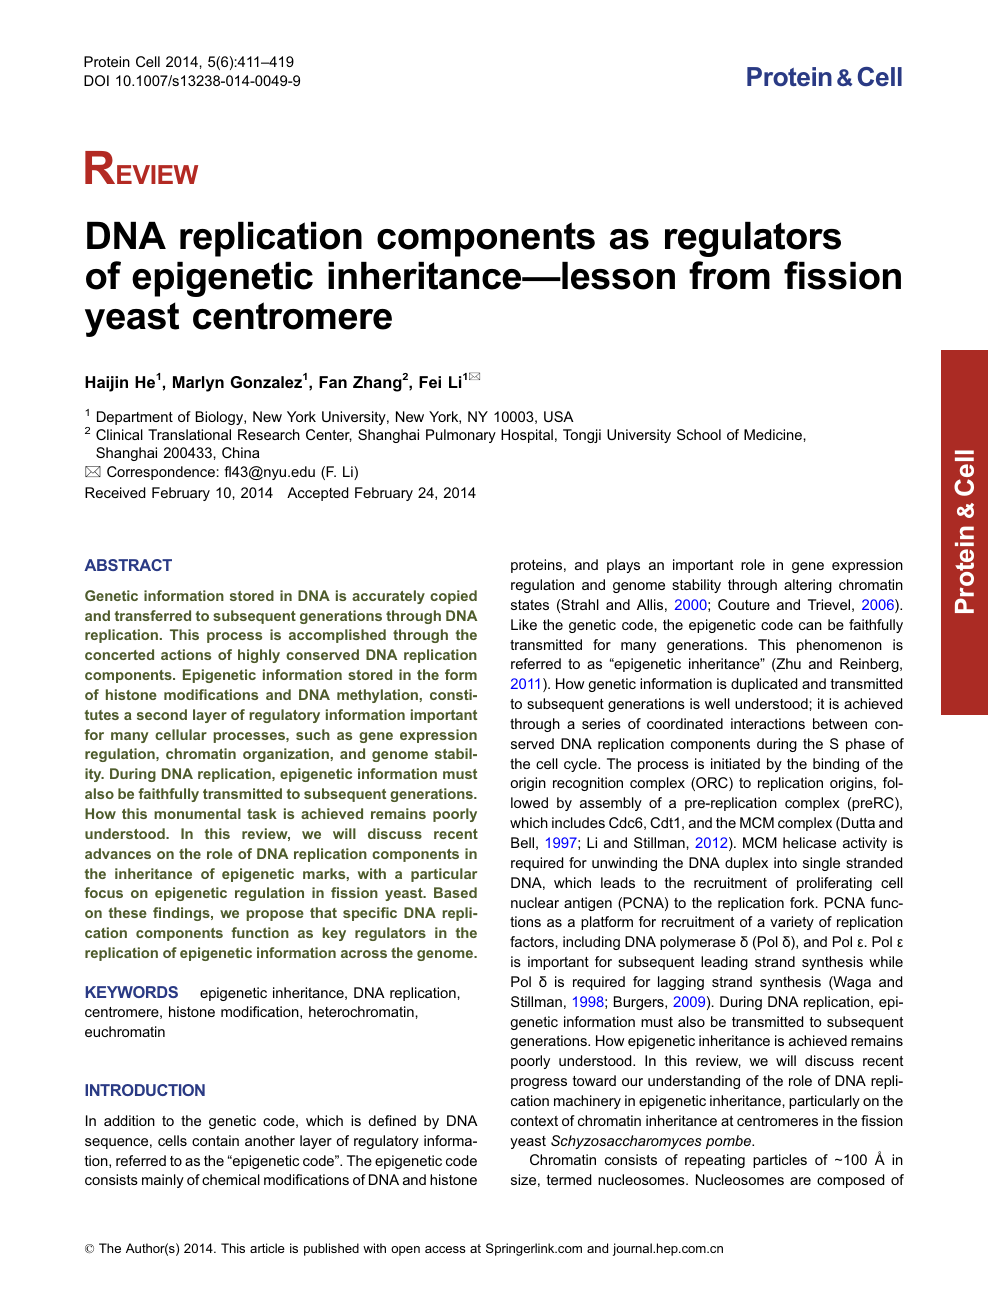 DNA replication components as regulators of epigenetic inheritance